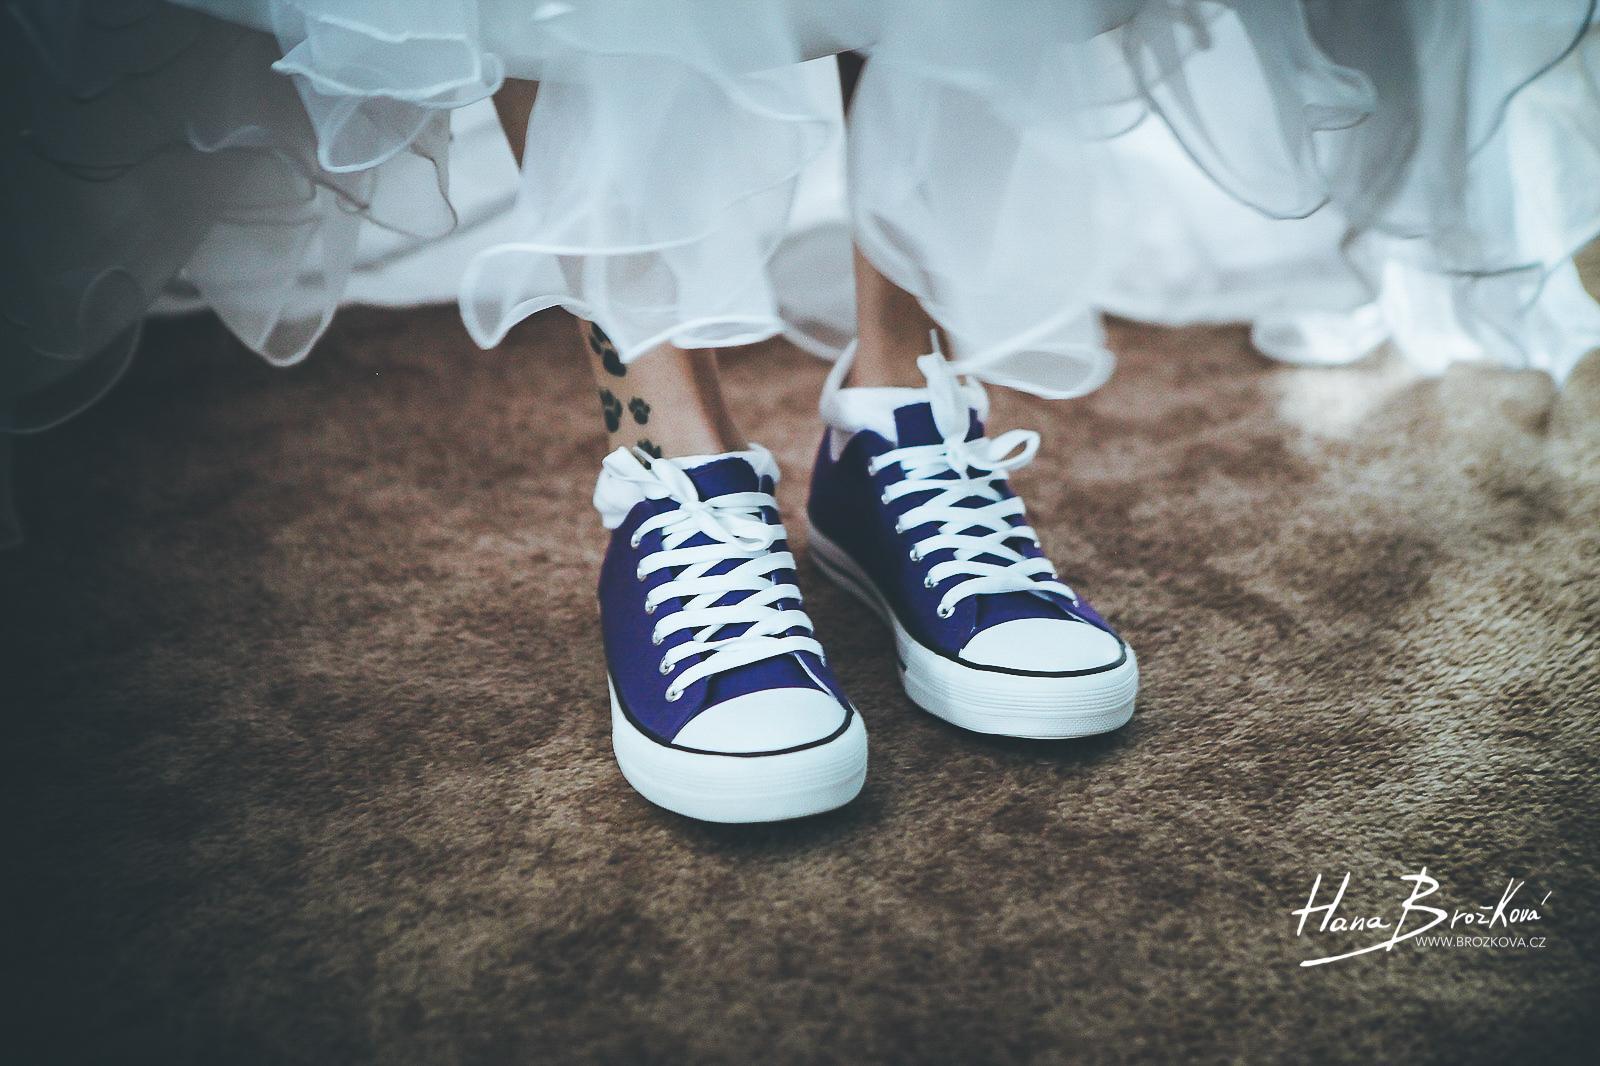 Svatební fotografie - Obrázek č. 8